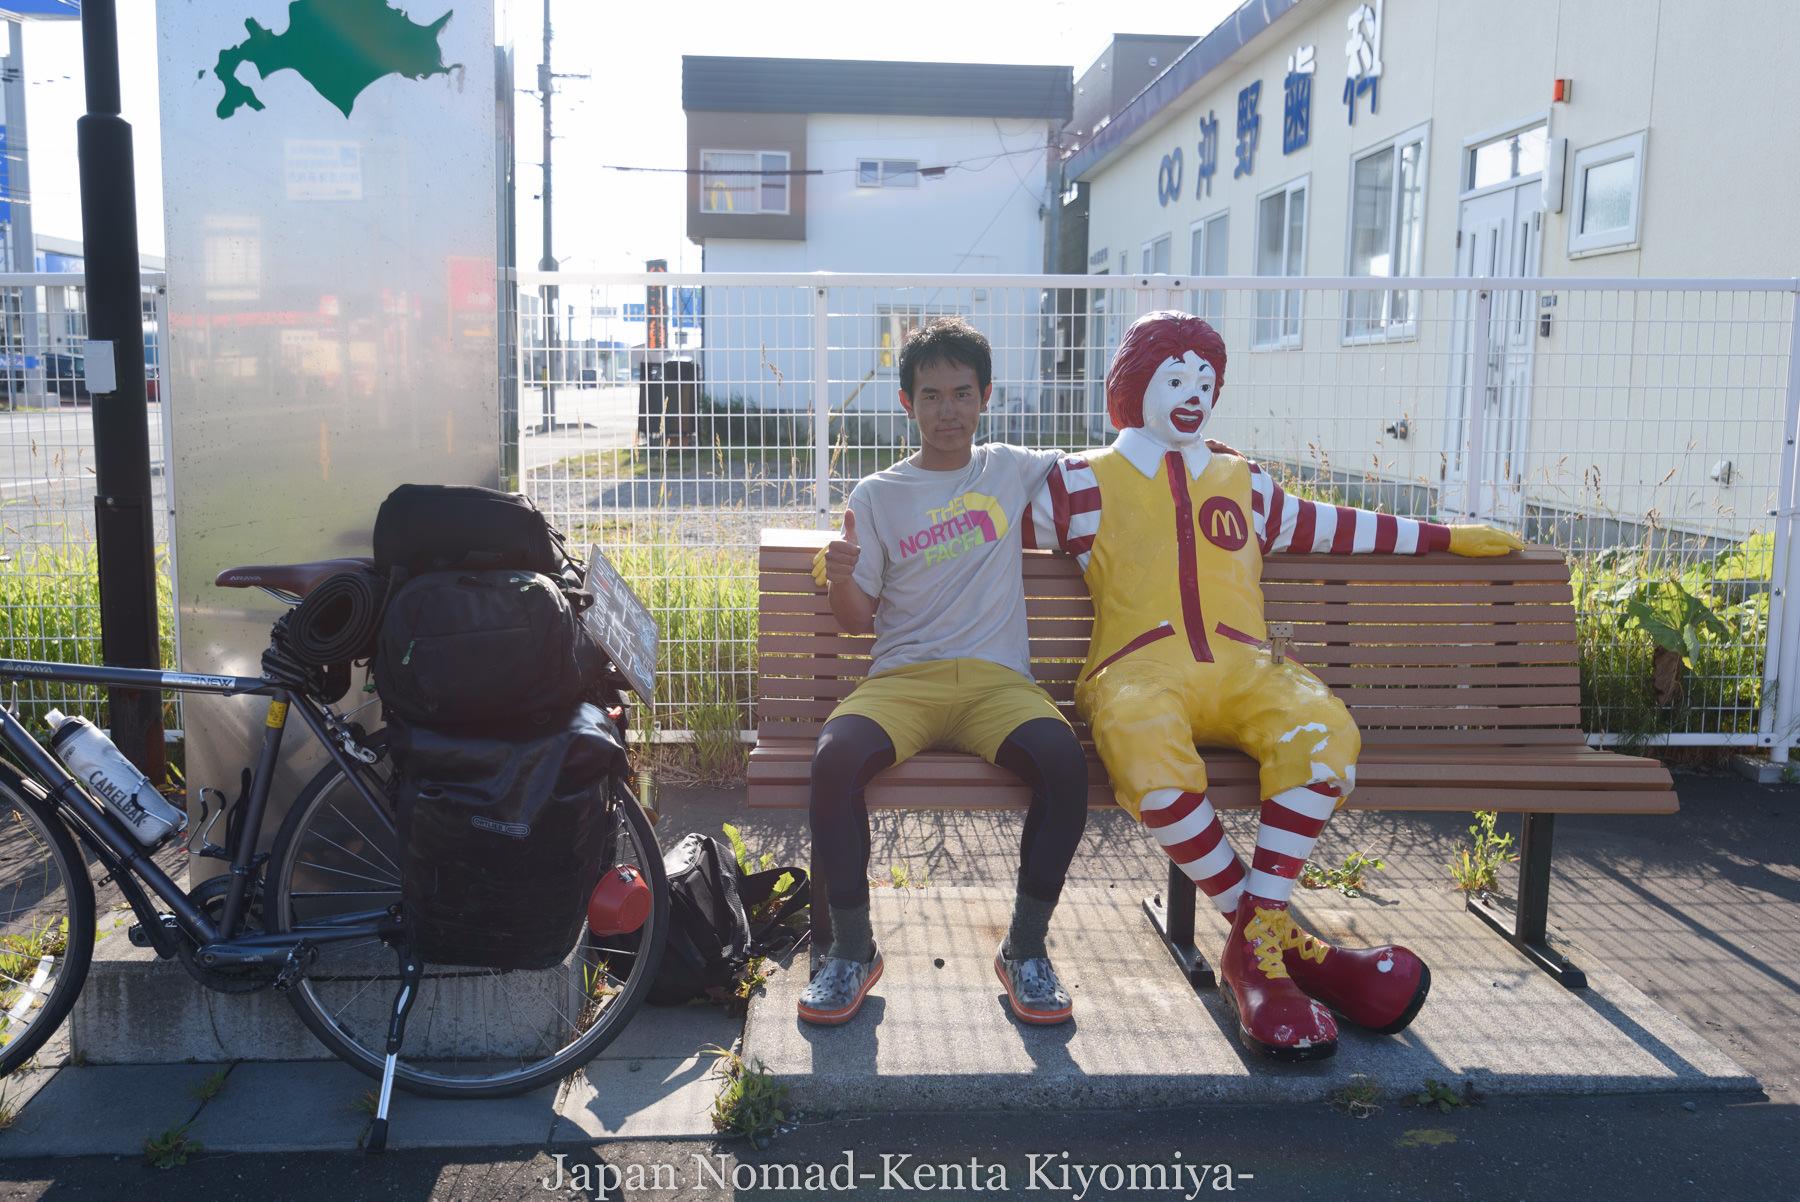 自転車日本一周89日目(宗谷岬、クッチャロ湖)-Japan Nomad (2)